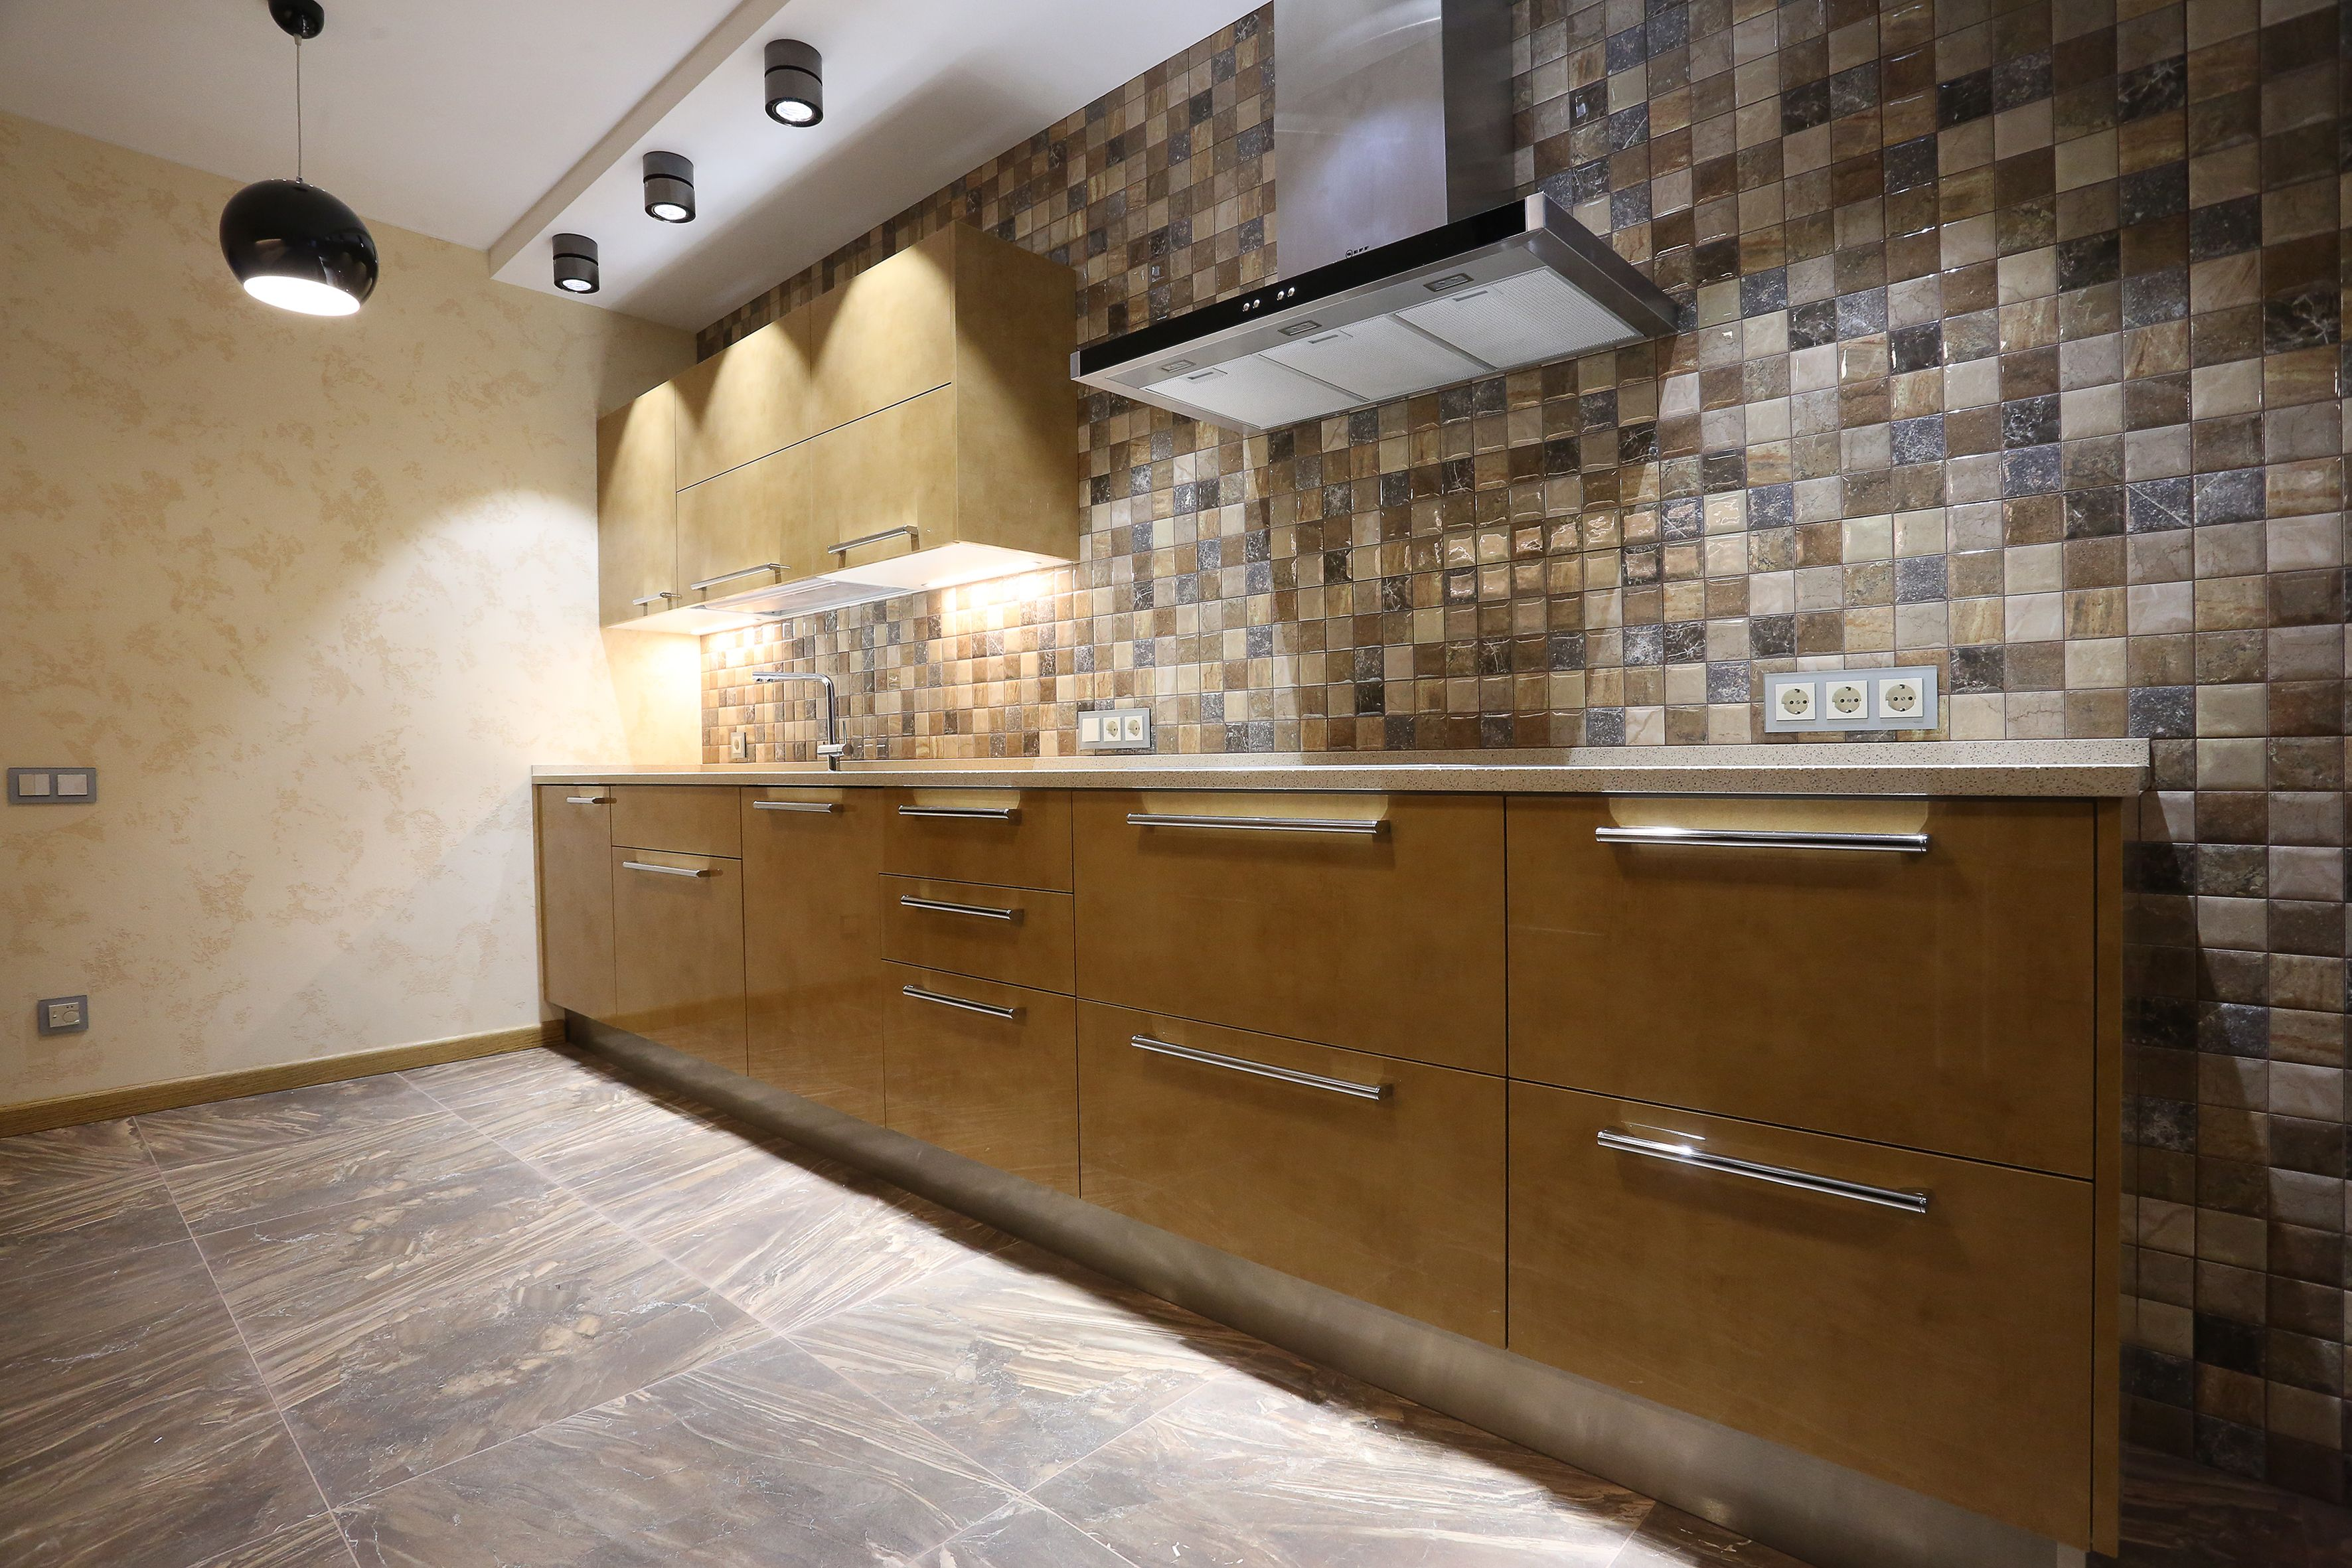 Рейтинг лучших фирм по ремонту квартир в Волгограде в 2020 году